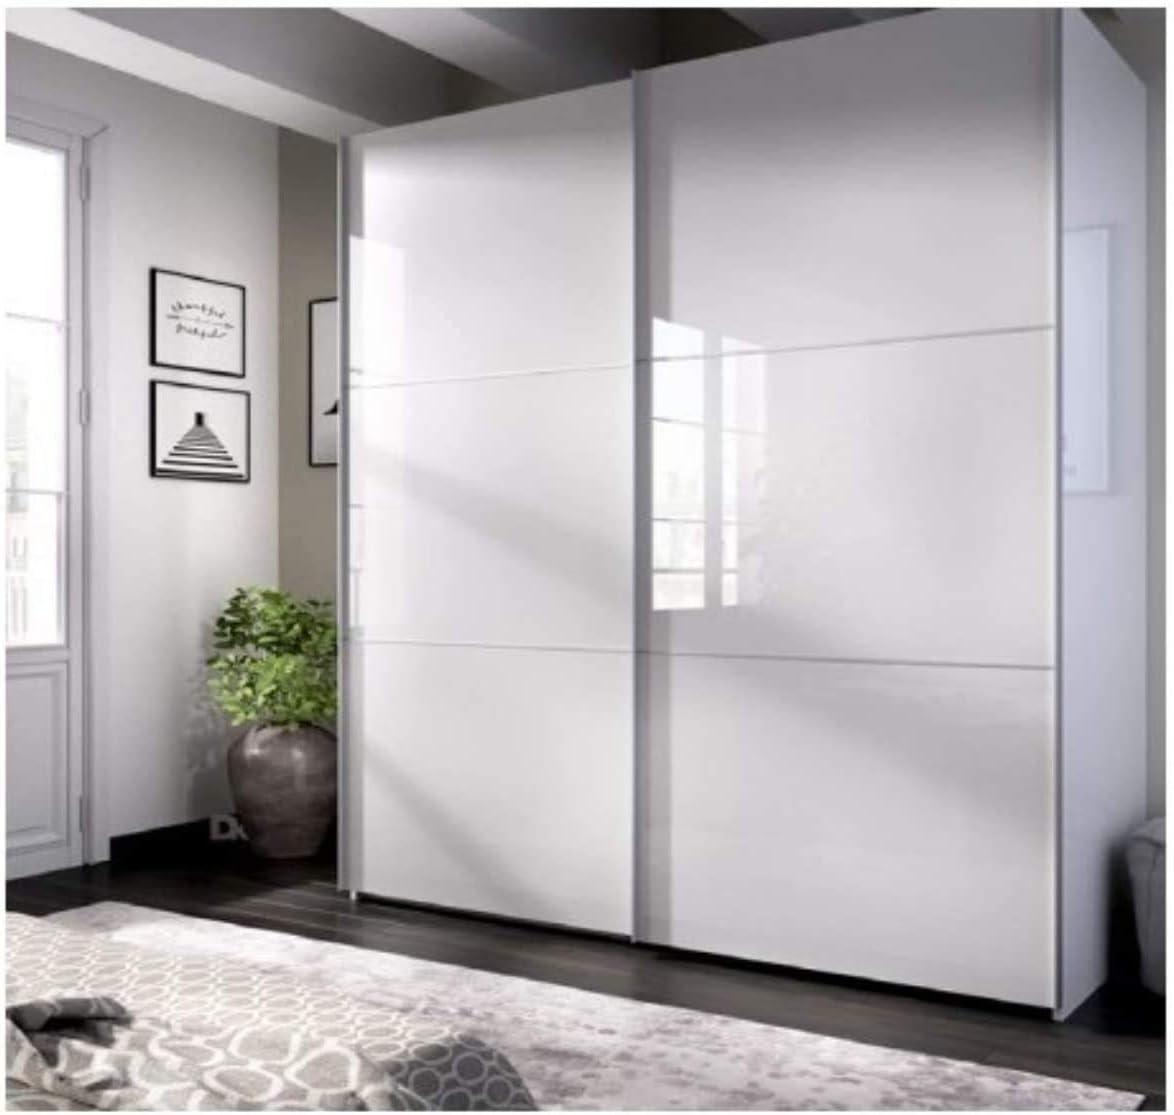 DECOR NATUR-Armario DE Puertas CORREDERAS Modelo Slide Color Blanco Brillo-Medidas: Ancho: 180 cm Alto: 204 cm Fondo: 65 cm (150_x_210_cm)